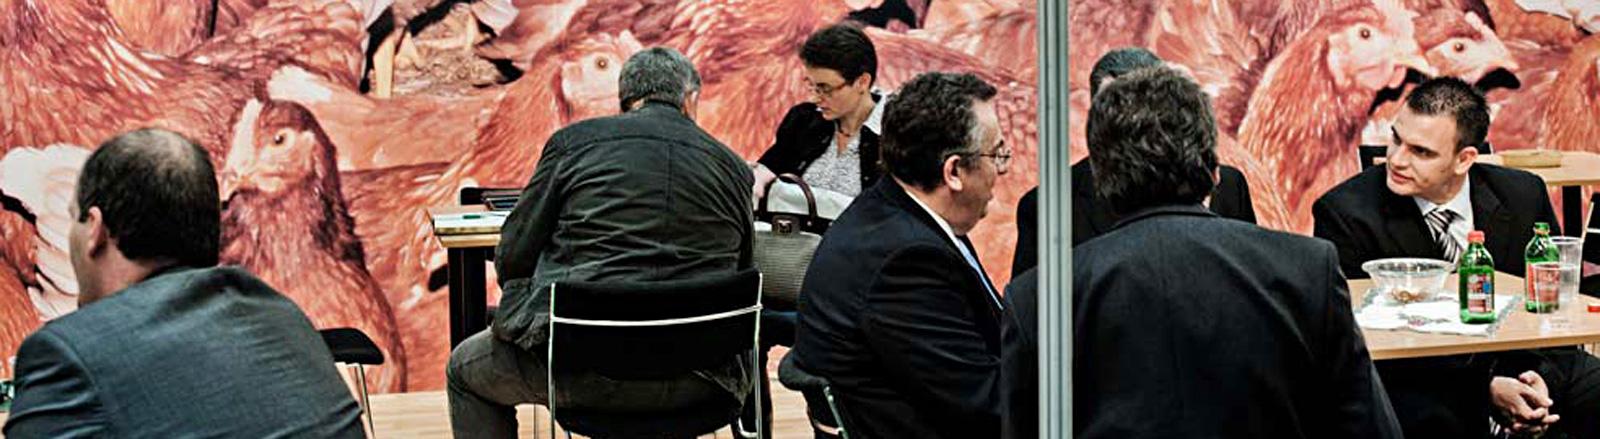 Vor einer Wand, auf der Hühner abgebildet sind, sitzen Männer und eine Frau in dunkler Business-Kleidung. Sie sitzen an Tischen und reden miteinander.